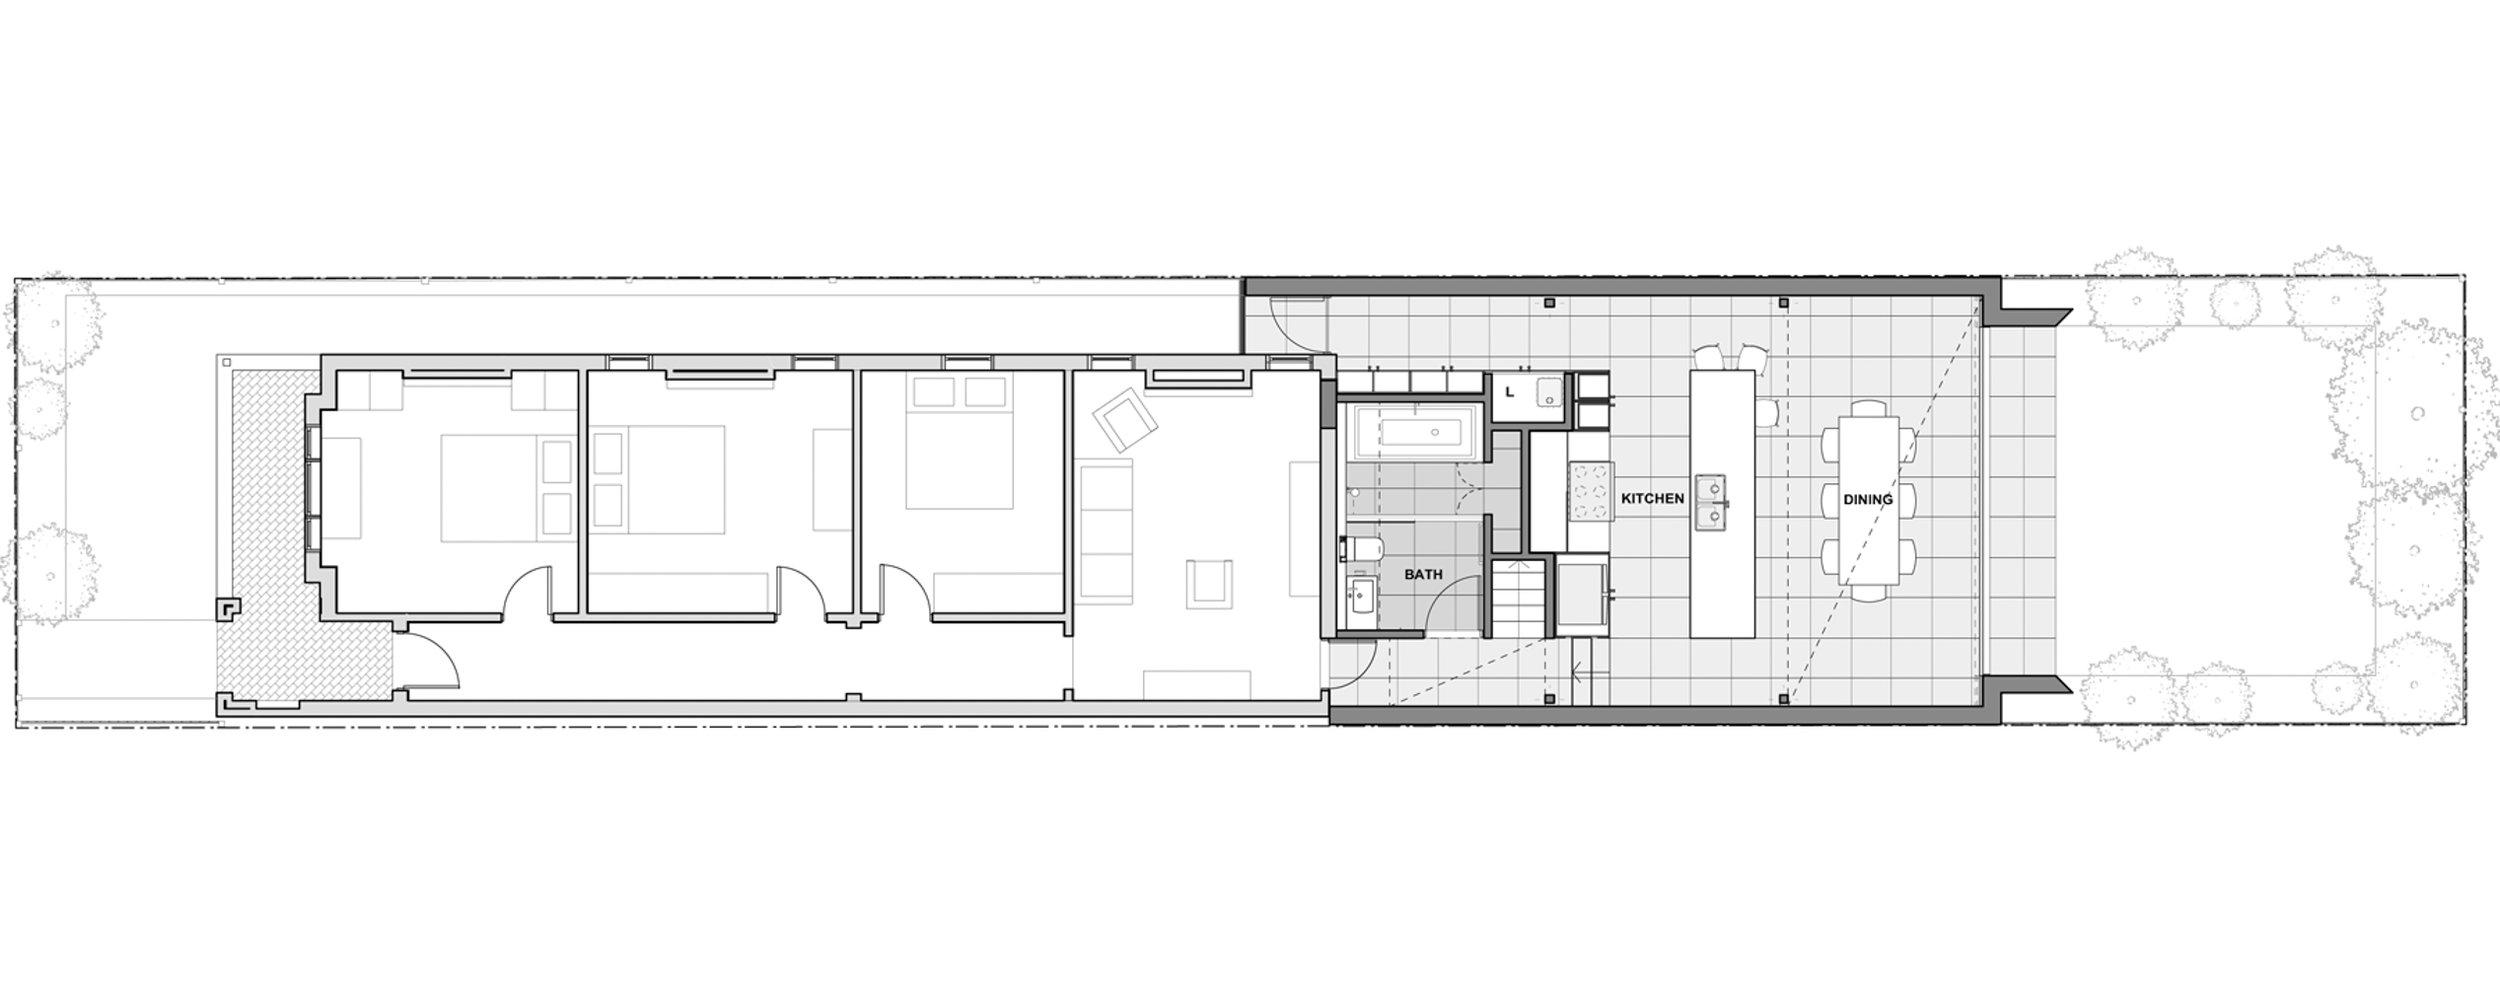 brick-aperture-house-kreis-grennan-architecture-the-design-emotive-13.jpg